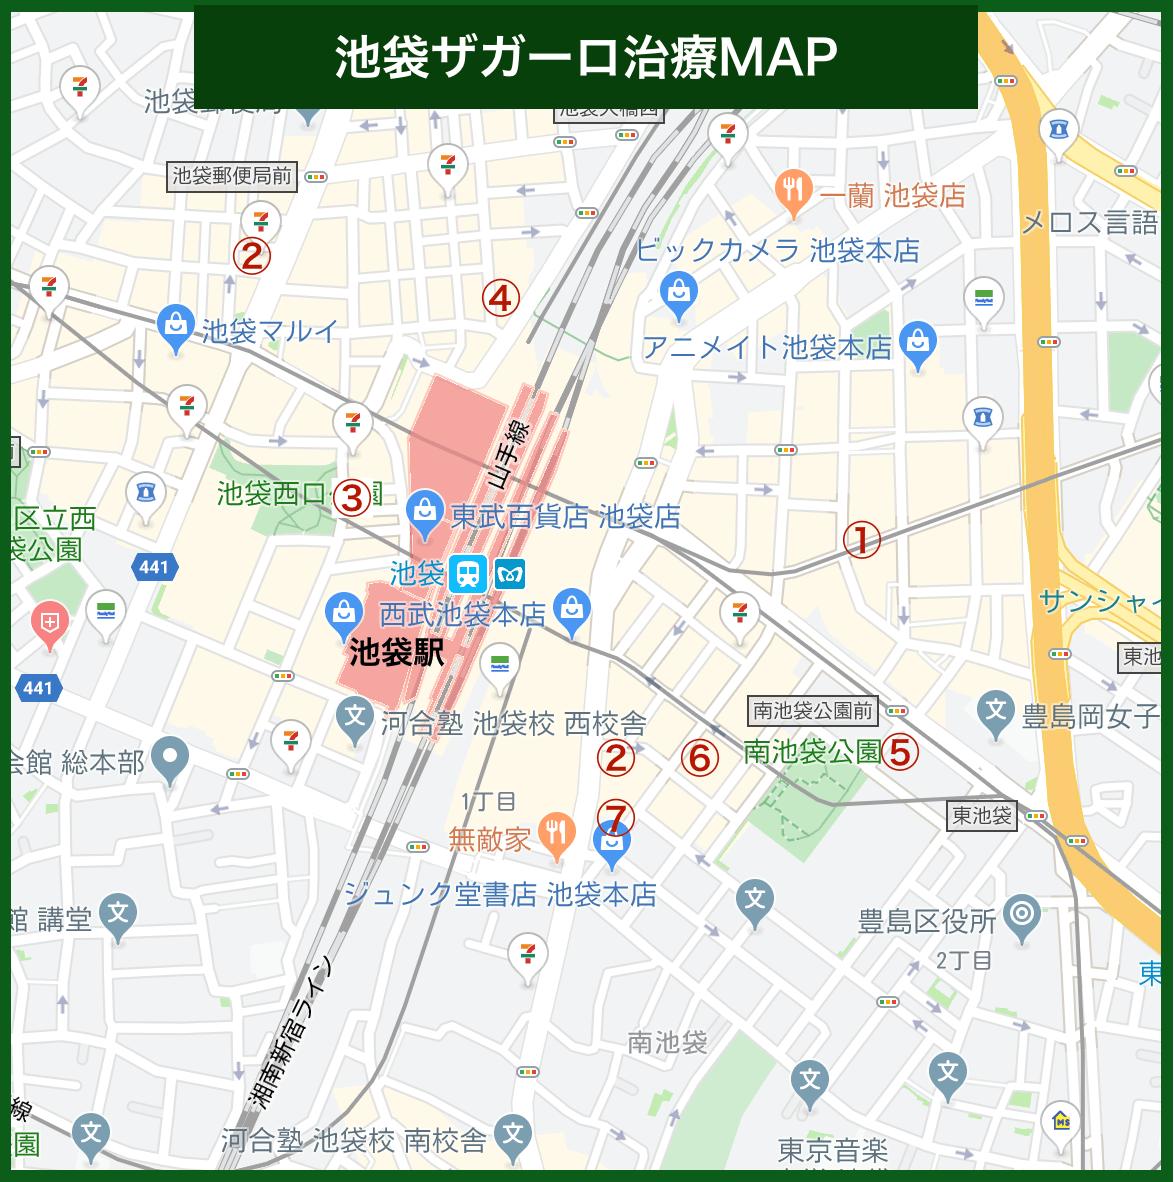 池袋ザガーロ治療MAP(2020年版)